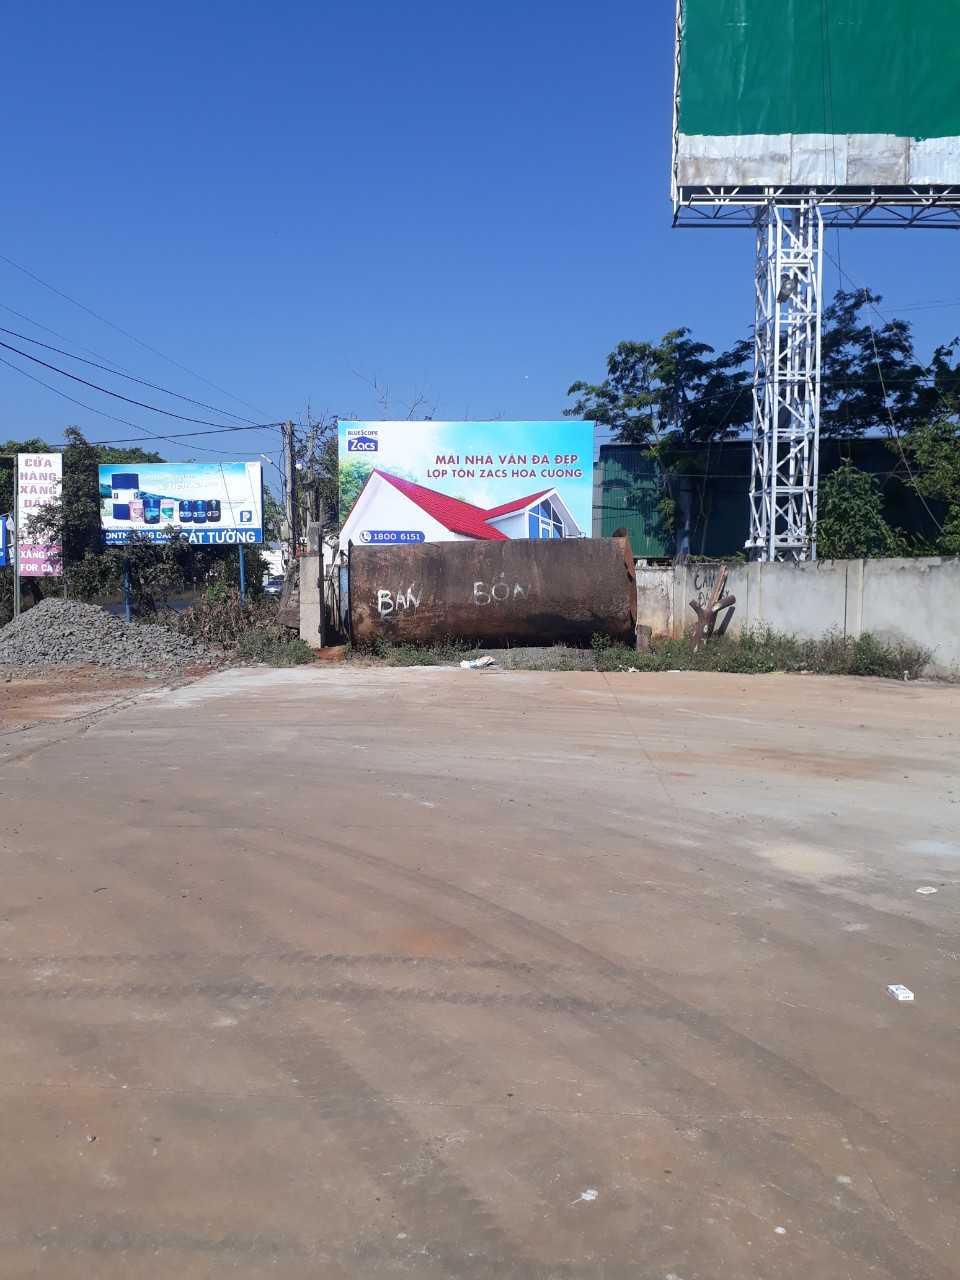 Quảng cáo CHXD Cát Tường, thị trấn Phước An, huyện Krông Pắc, Đắk Lắk - 1 biển trụ nhỏ